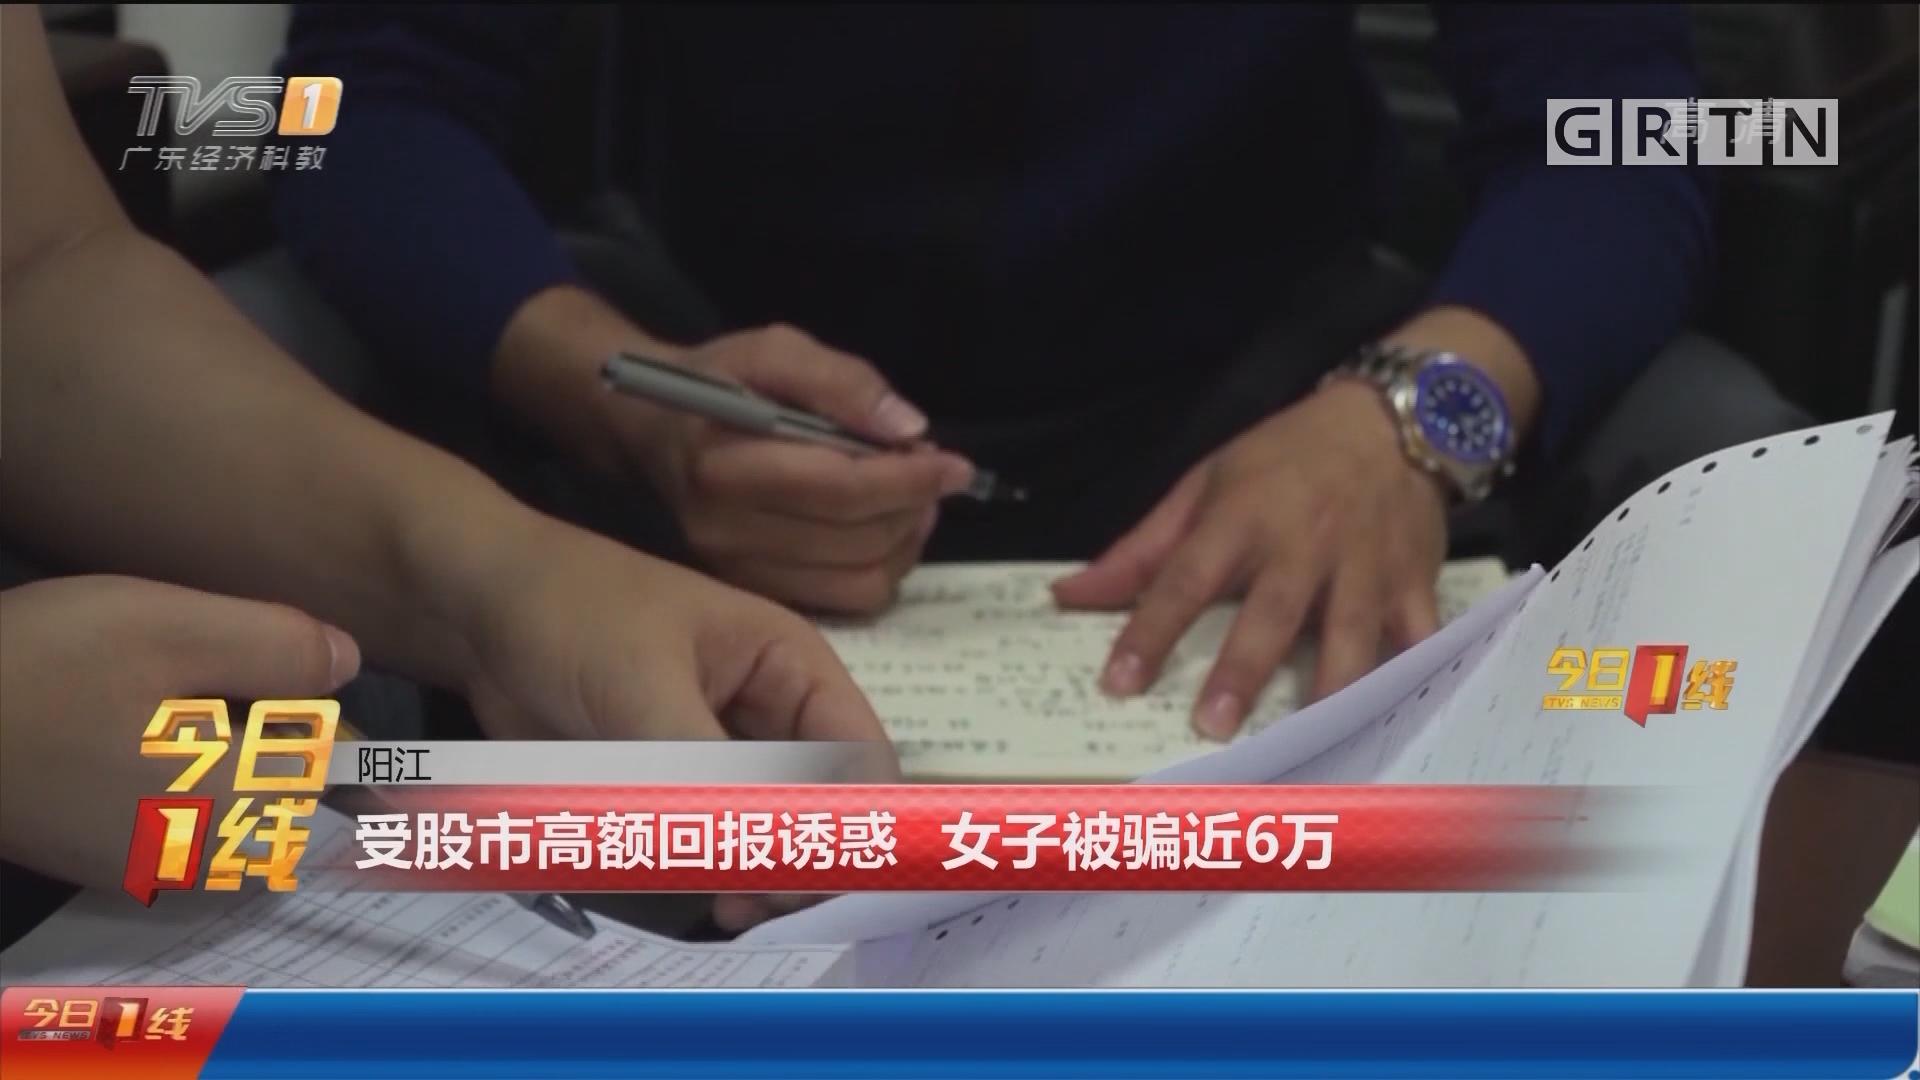 阳江:受股市高额回报诱惑 女子被骗近6万